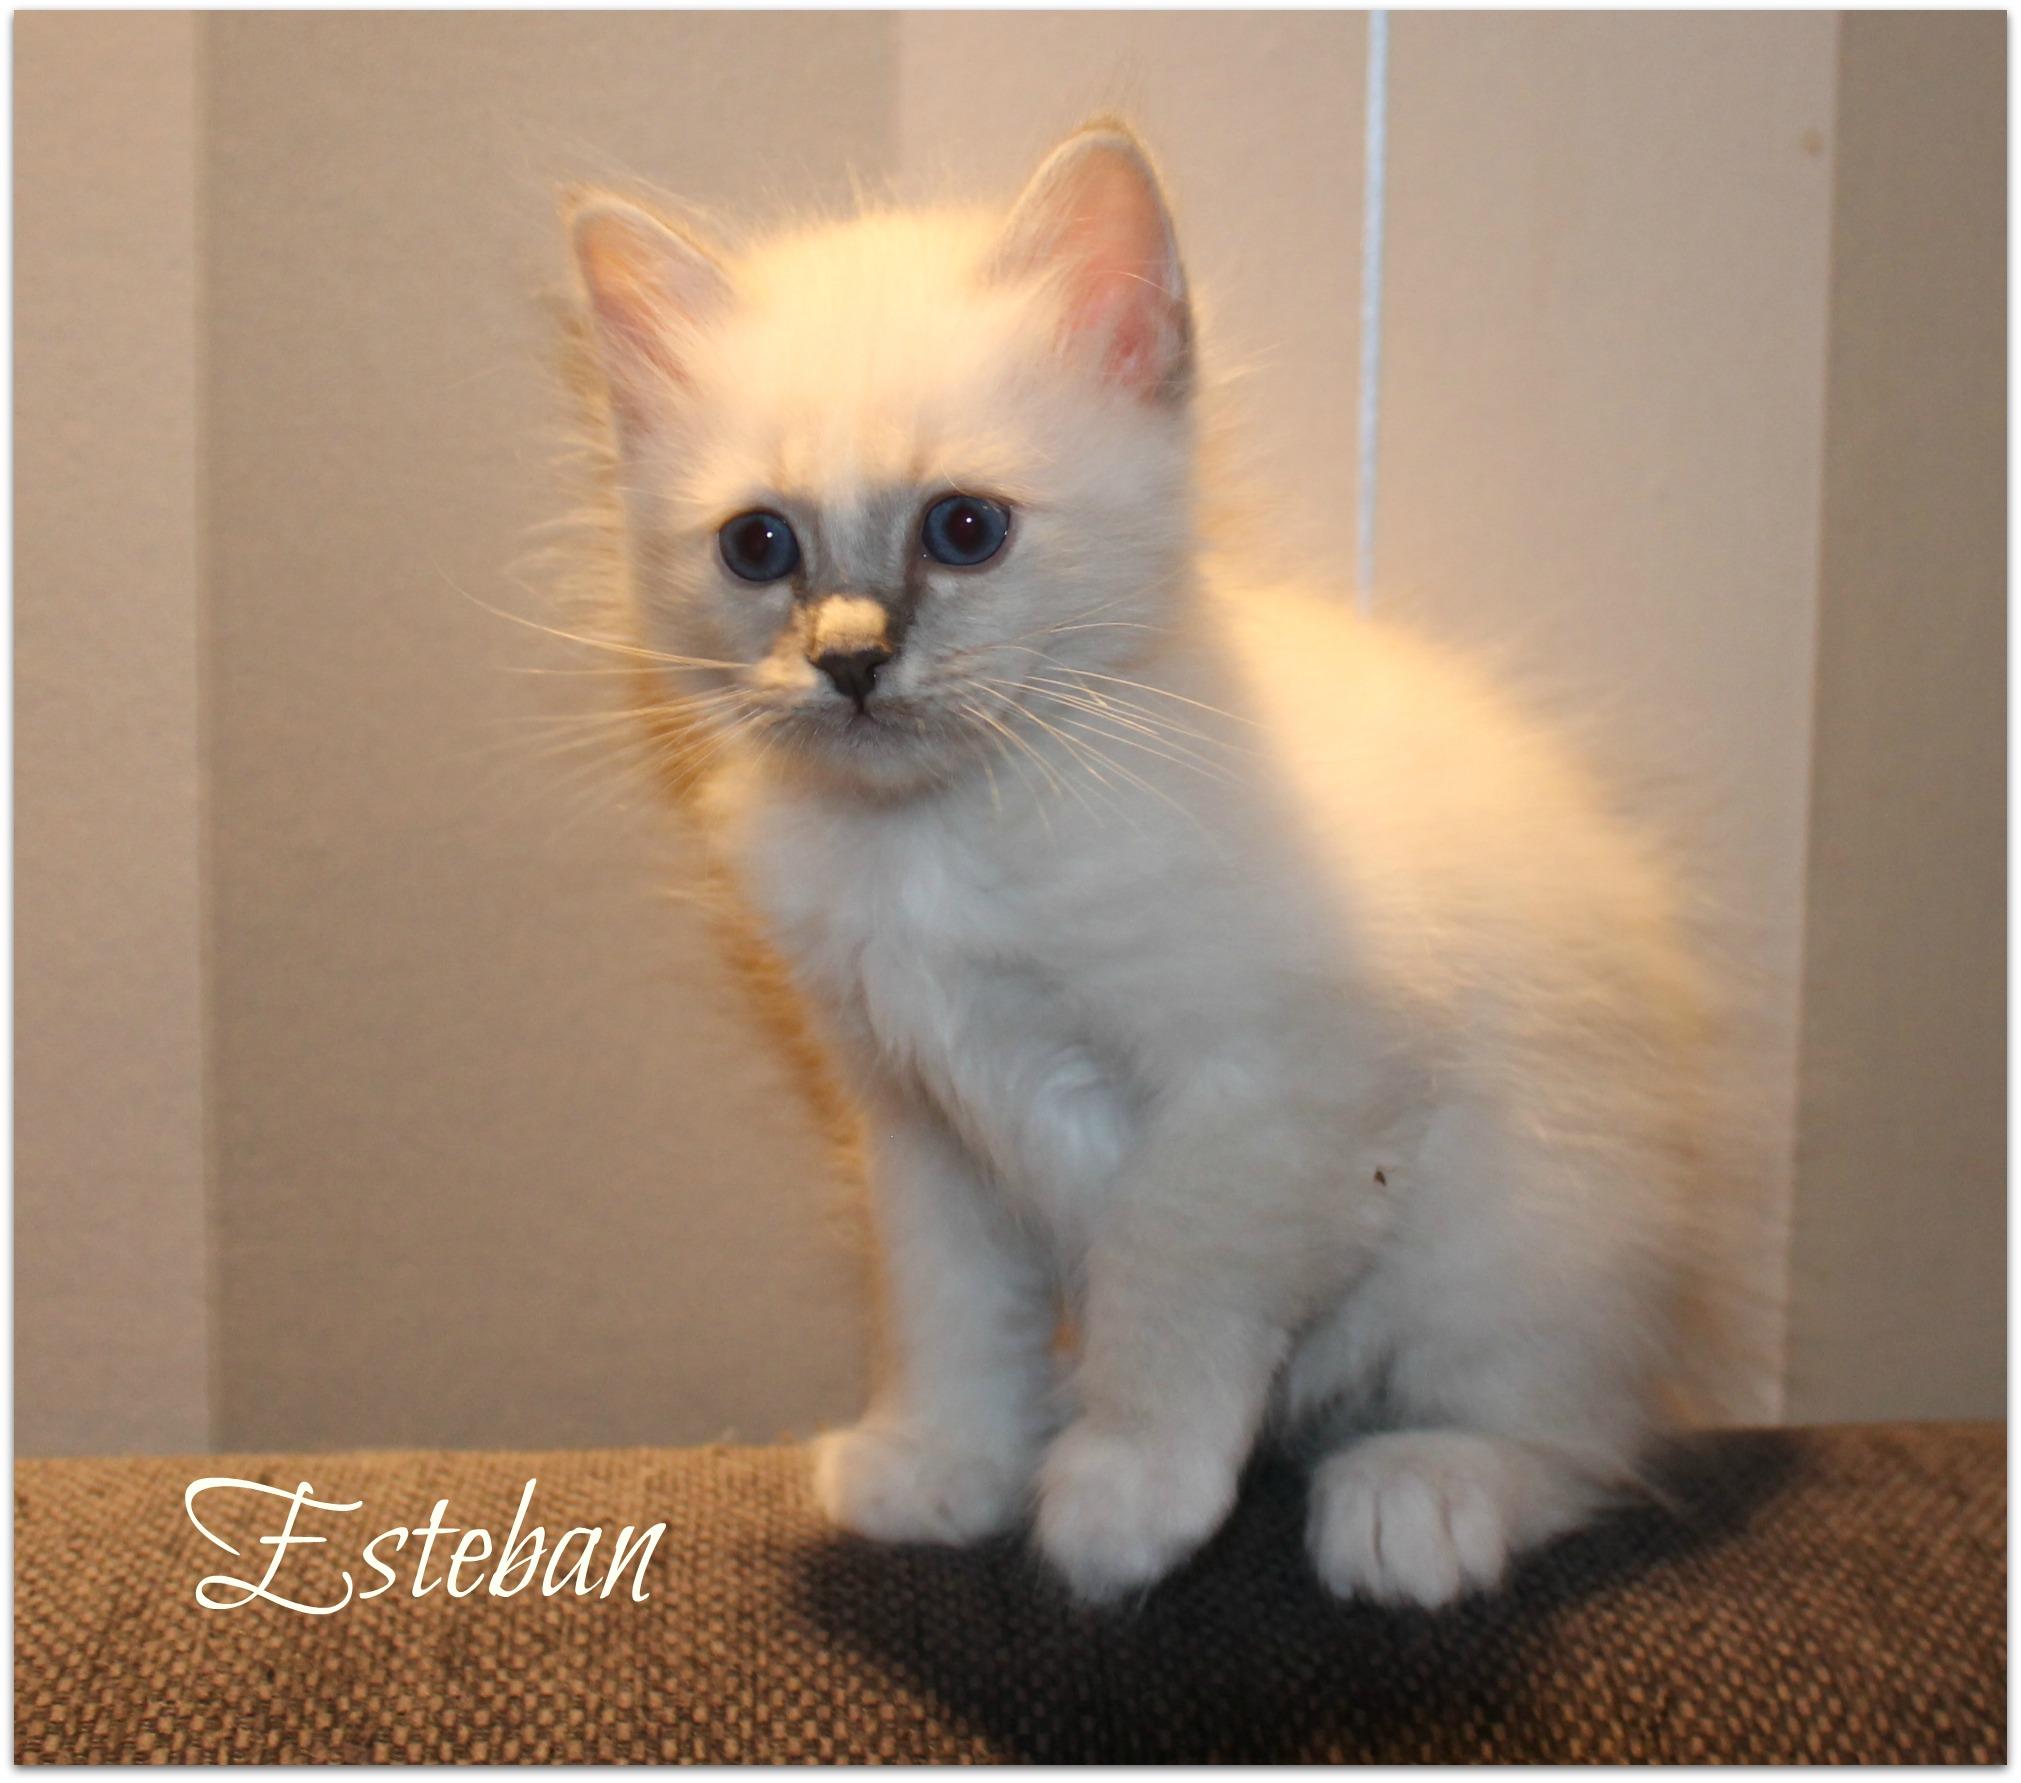 esteban_0